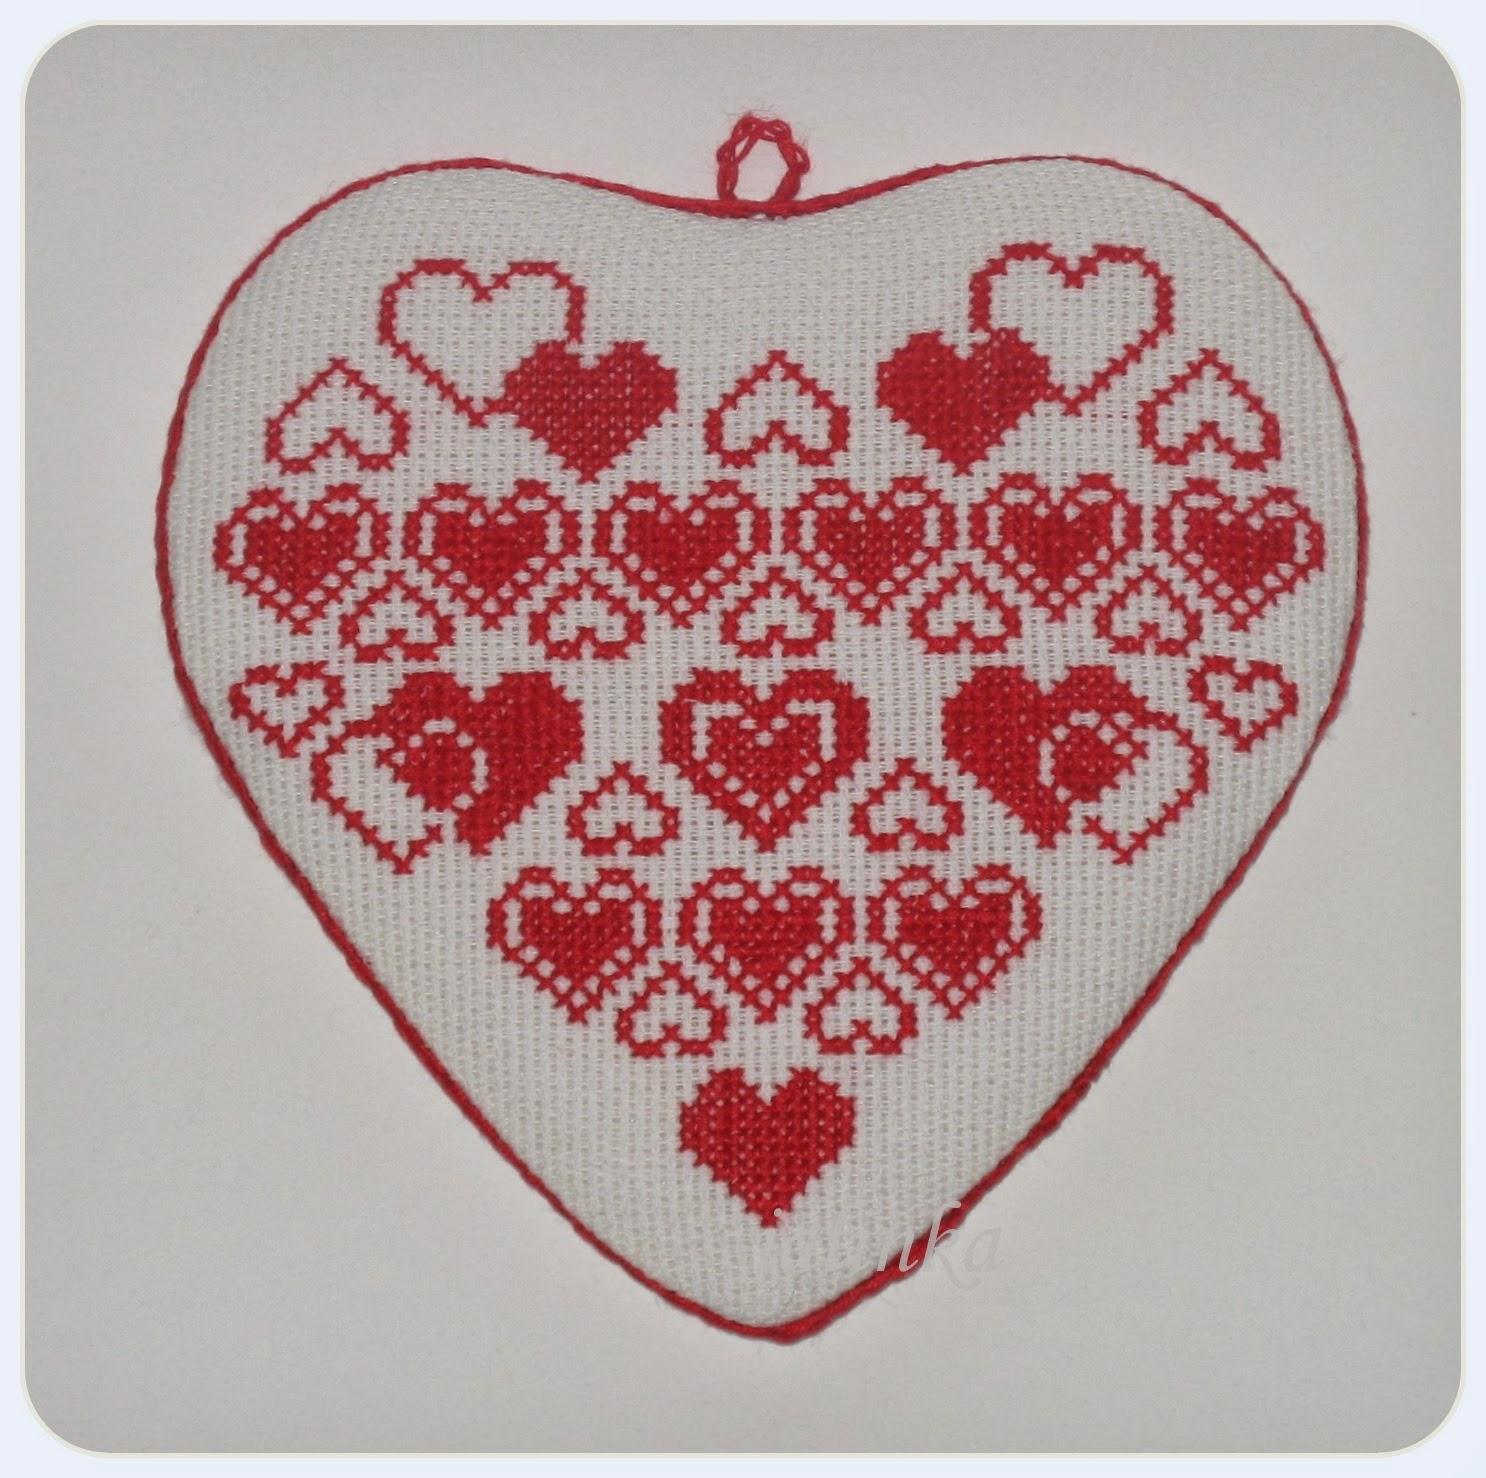 вышивка ко дню святого валентина вышивка сердце